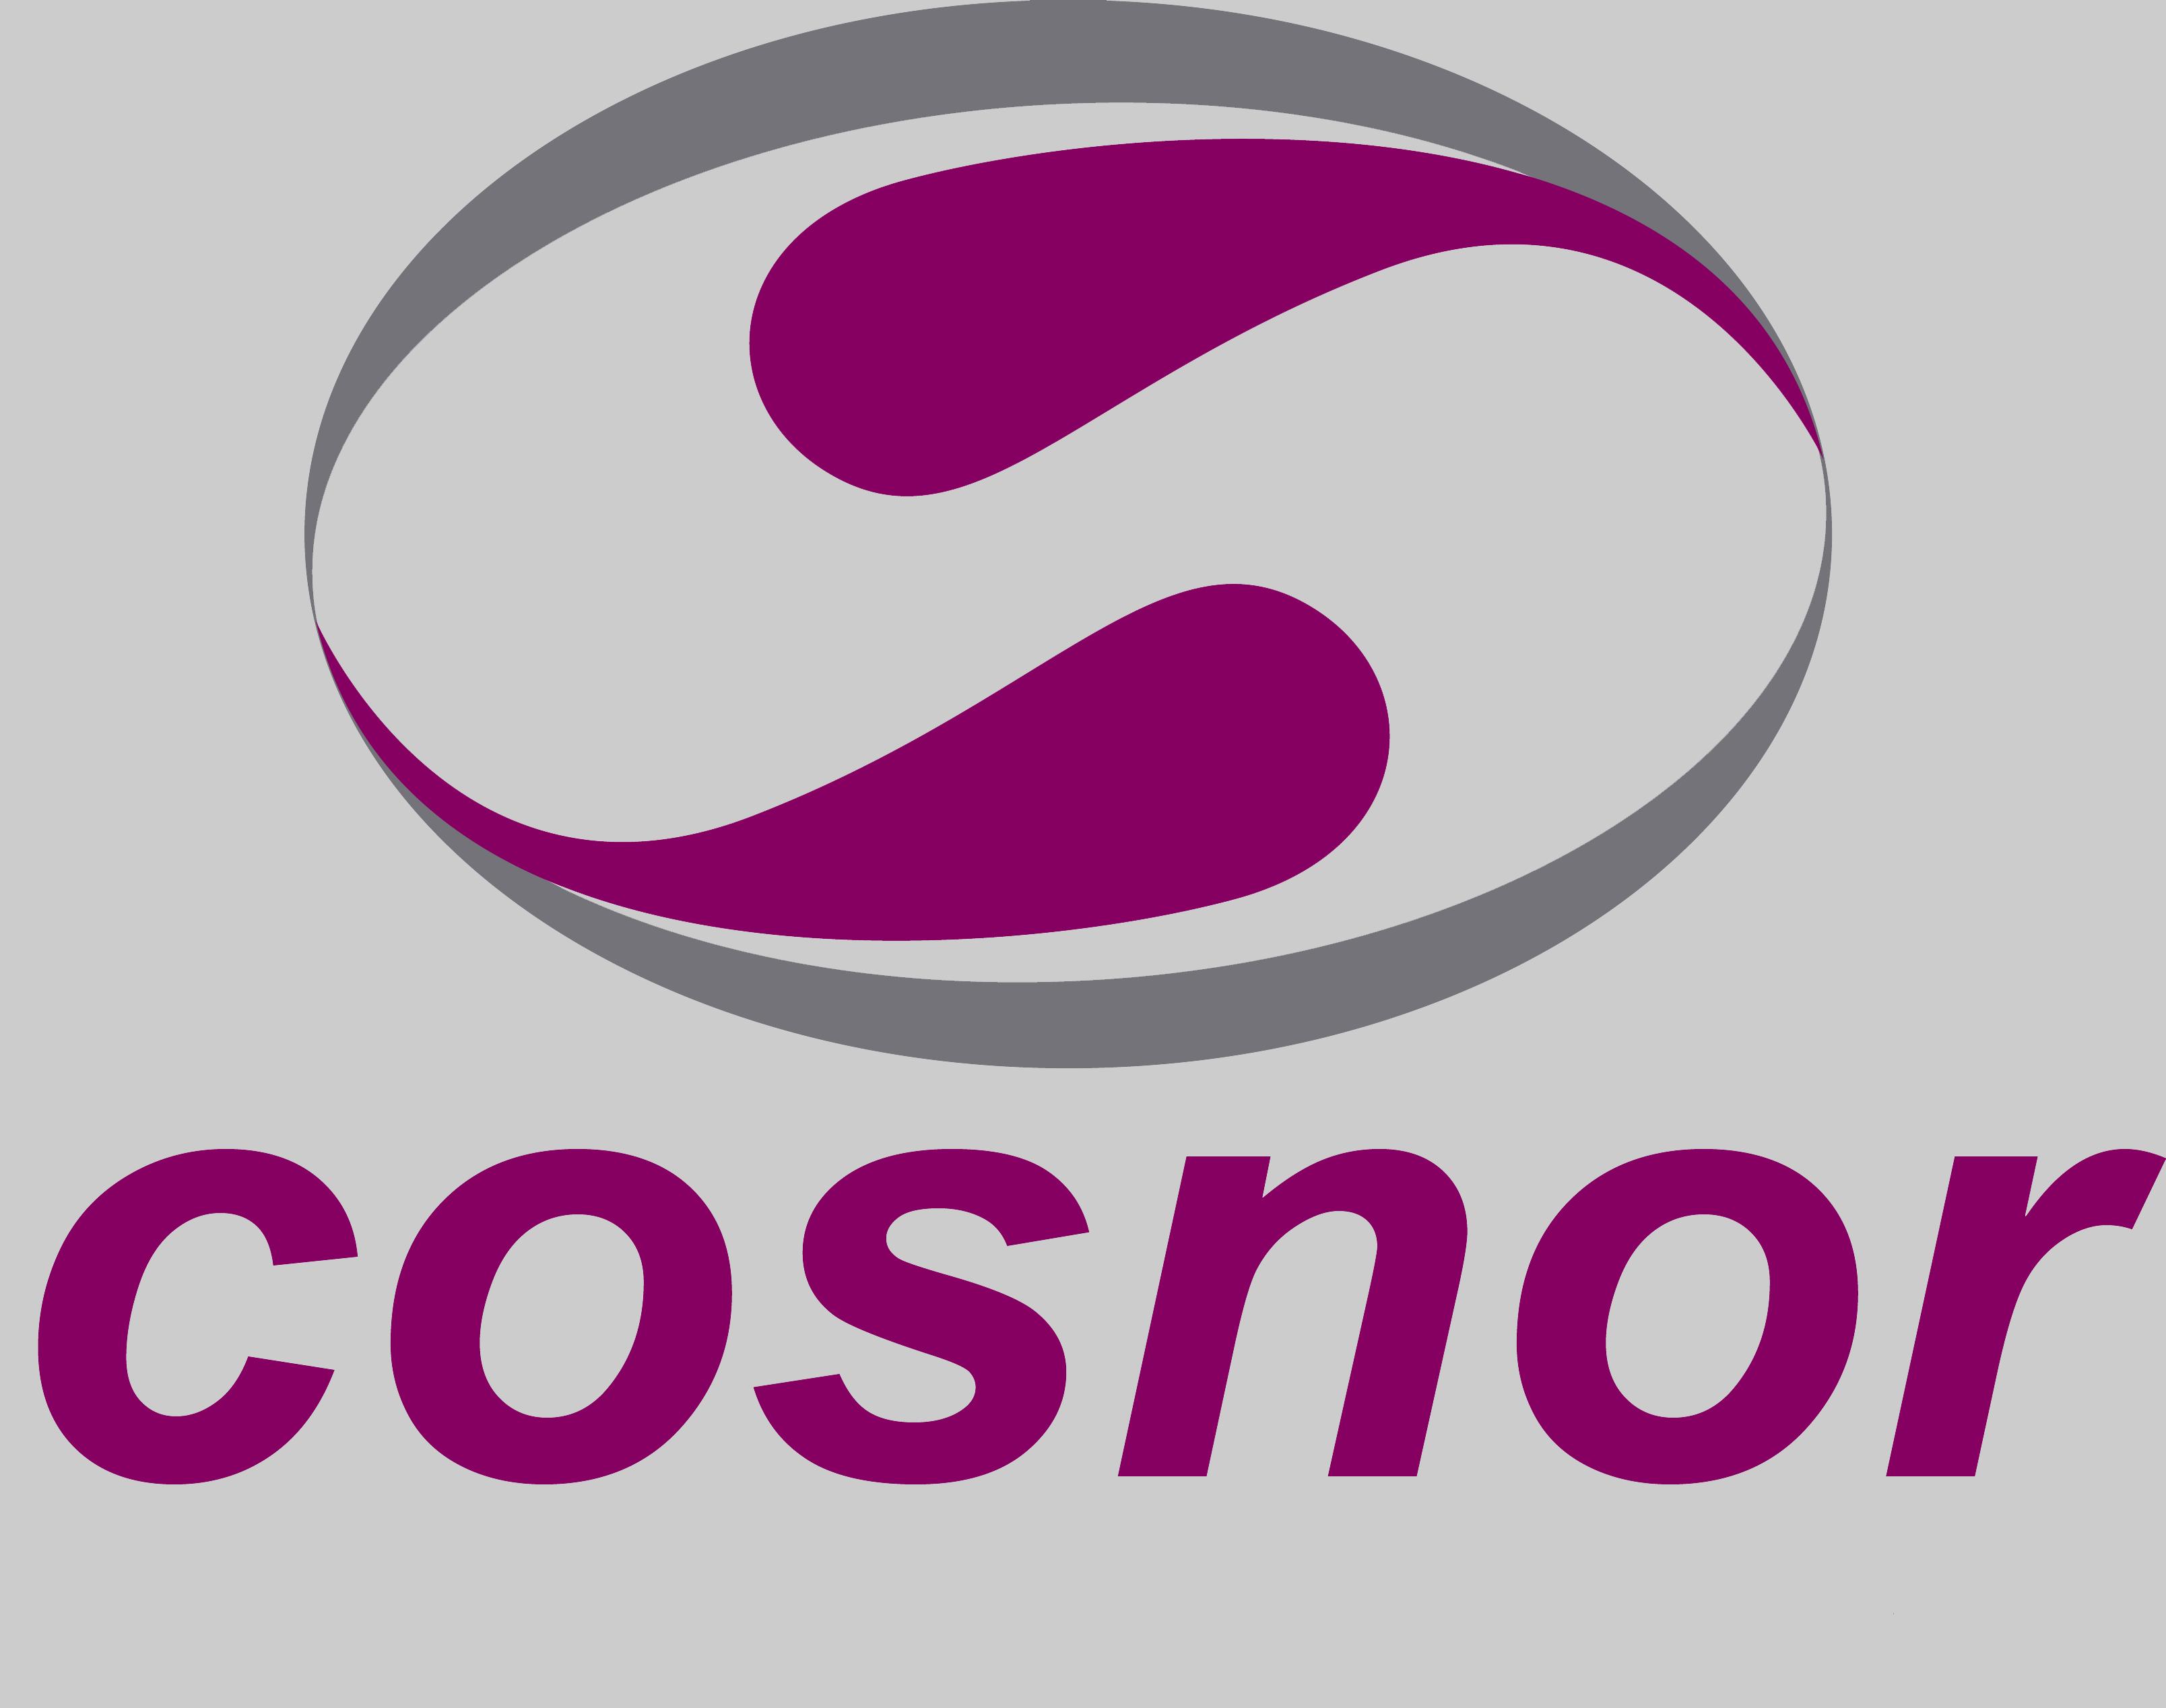 Cosnor